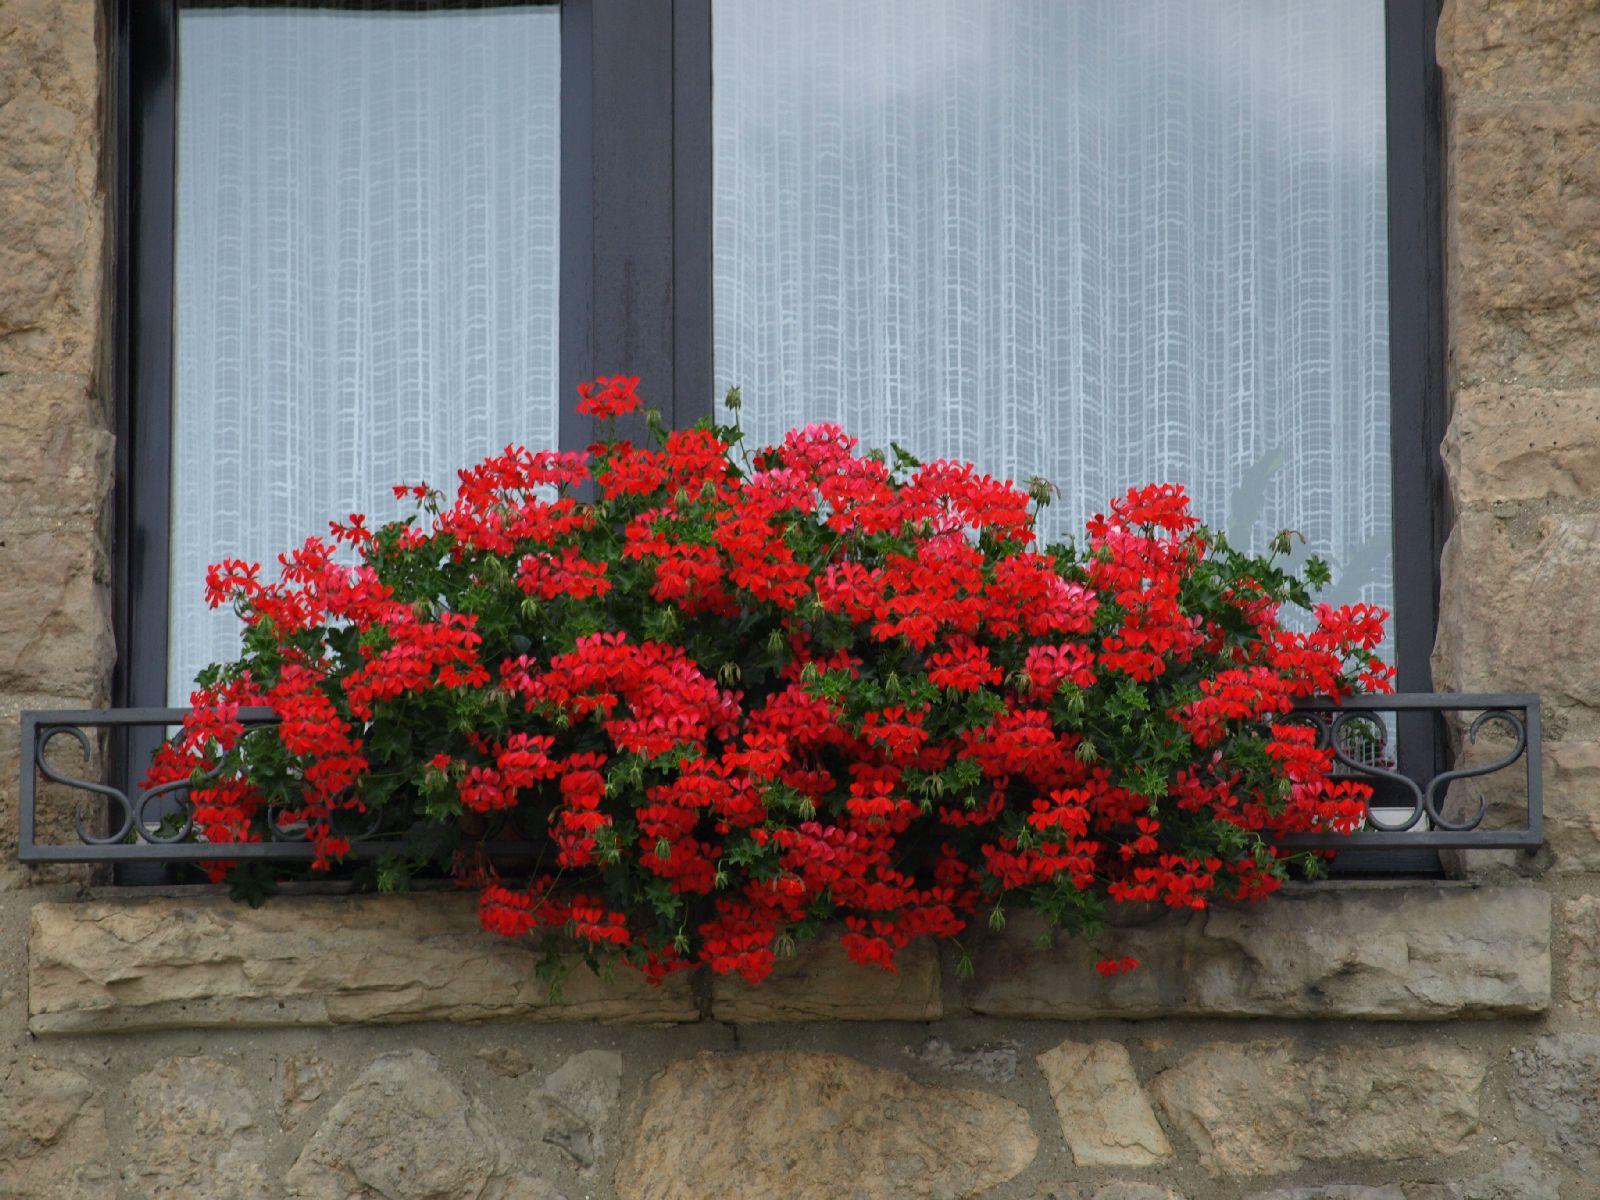 Pflanzen-Blumen-Foto_Textur_B_P8029035